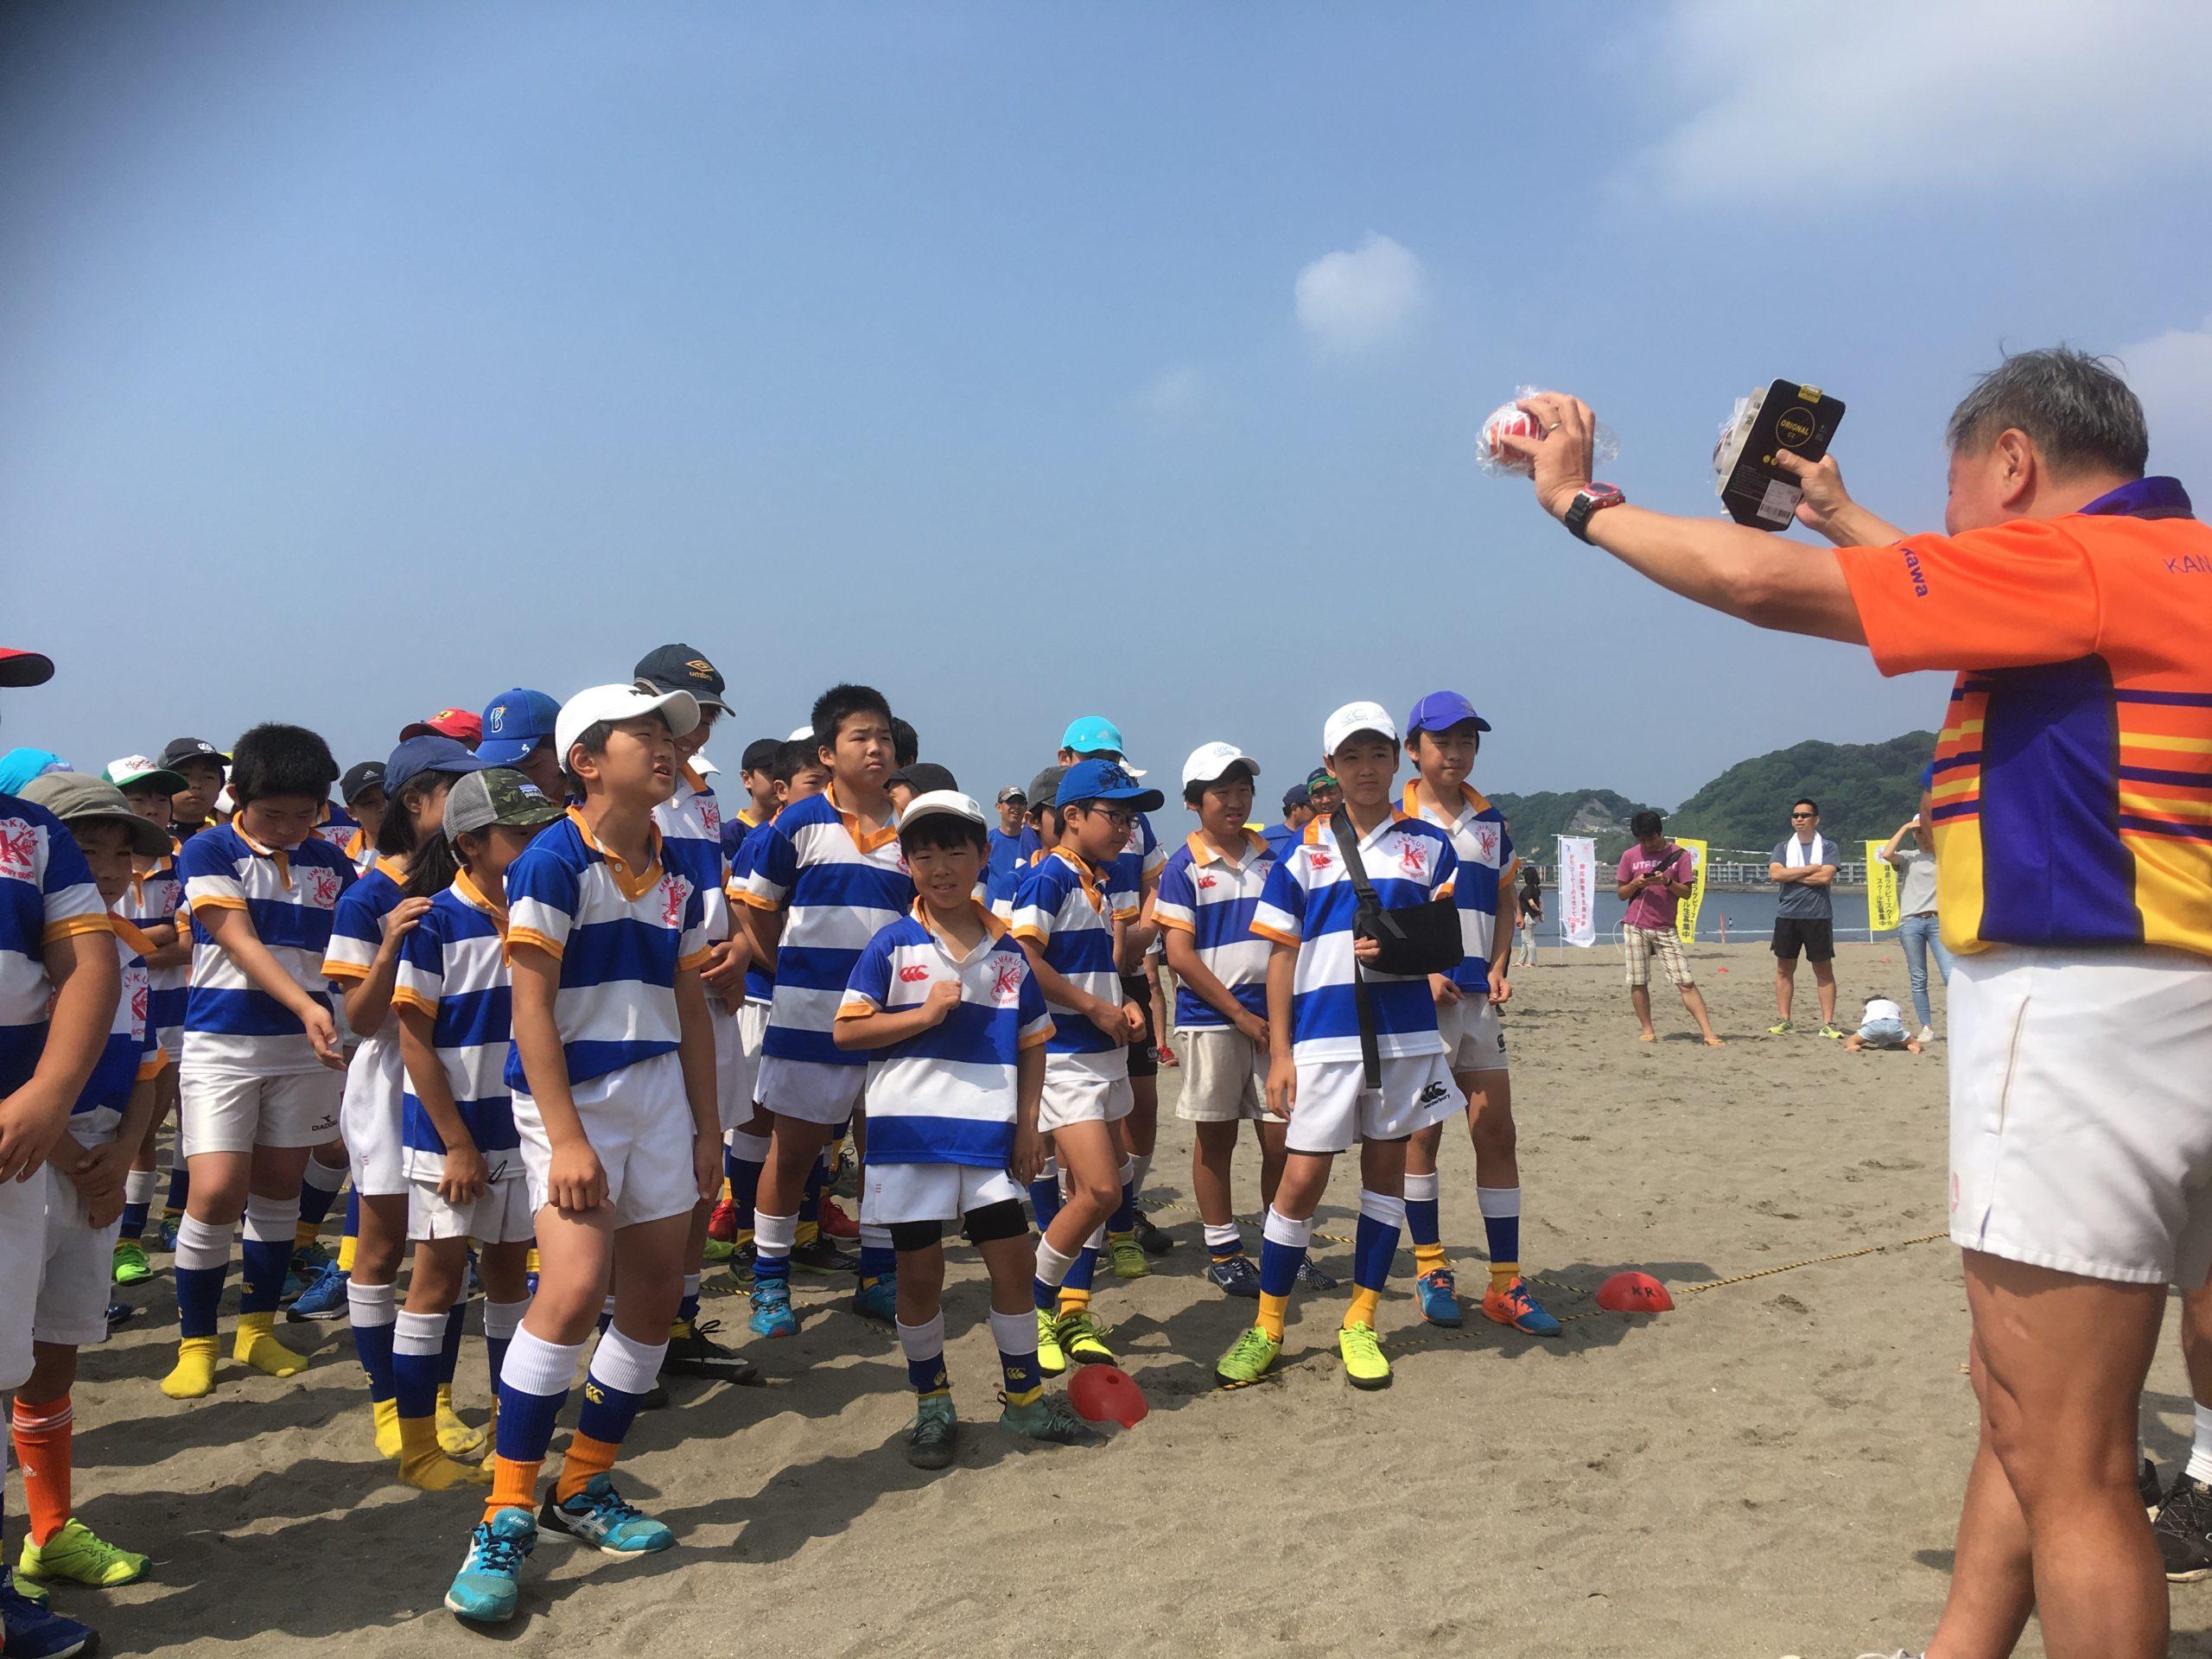 鎌倉ビーチフェスタ、鎌倉スポーツビーチ